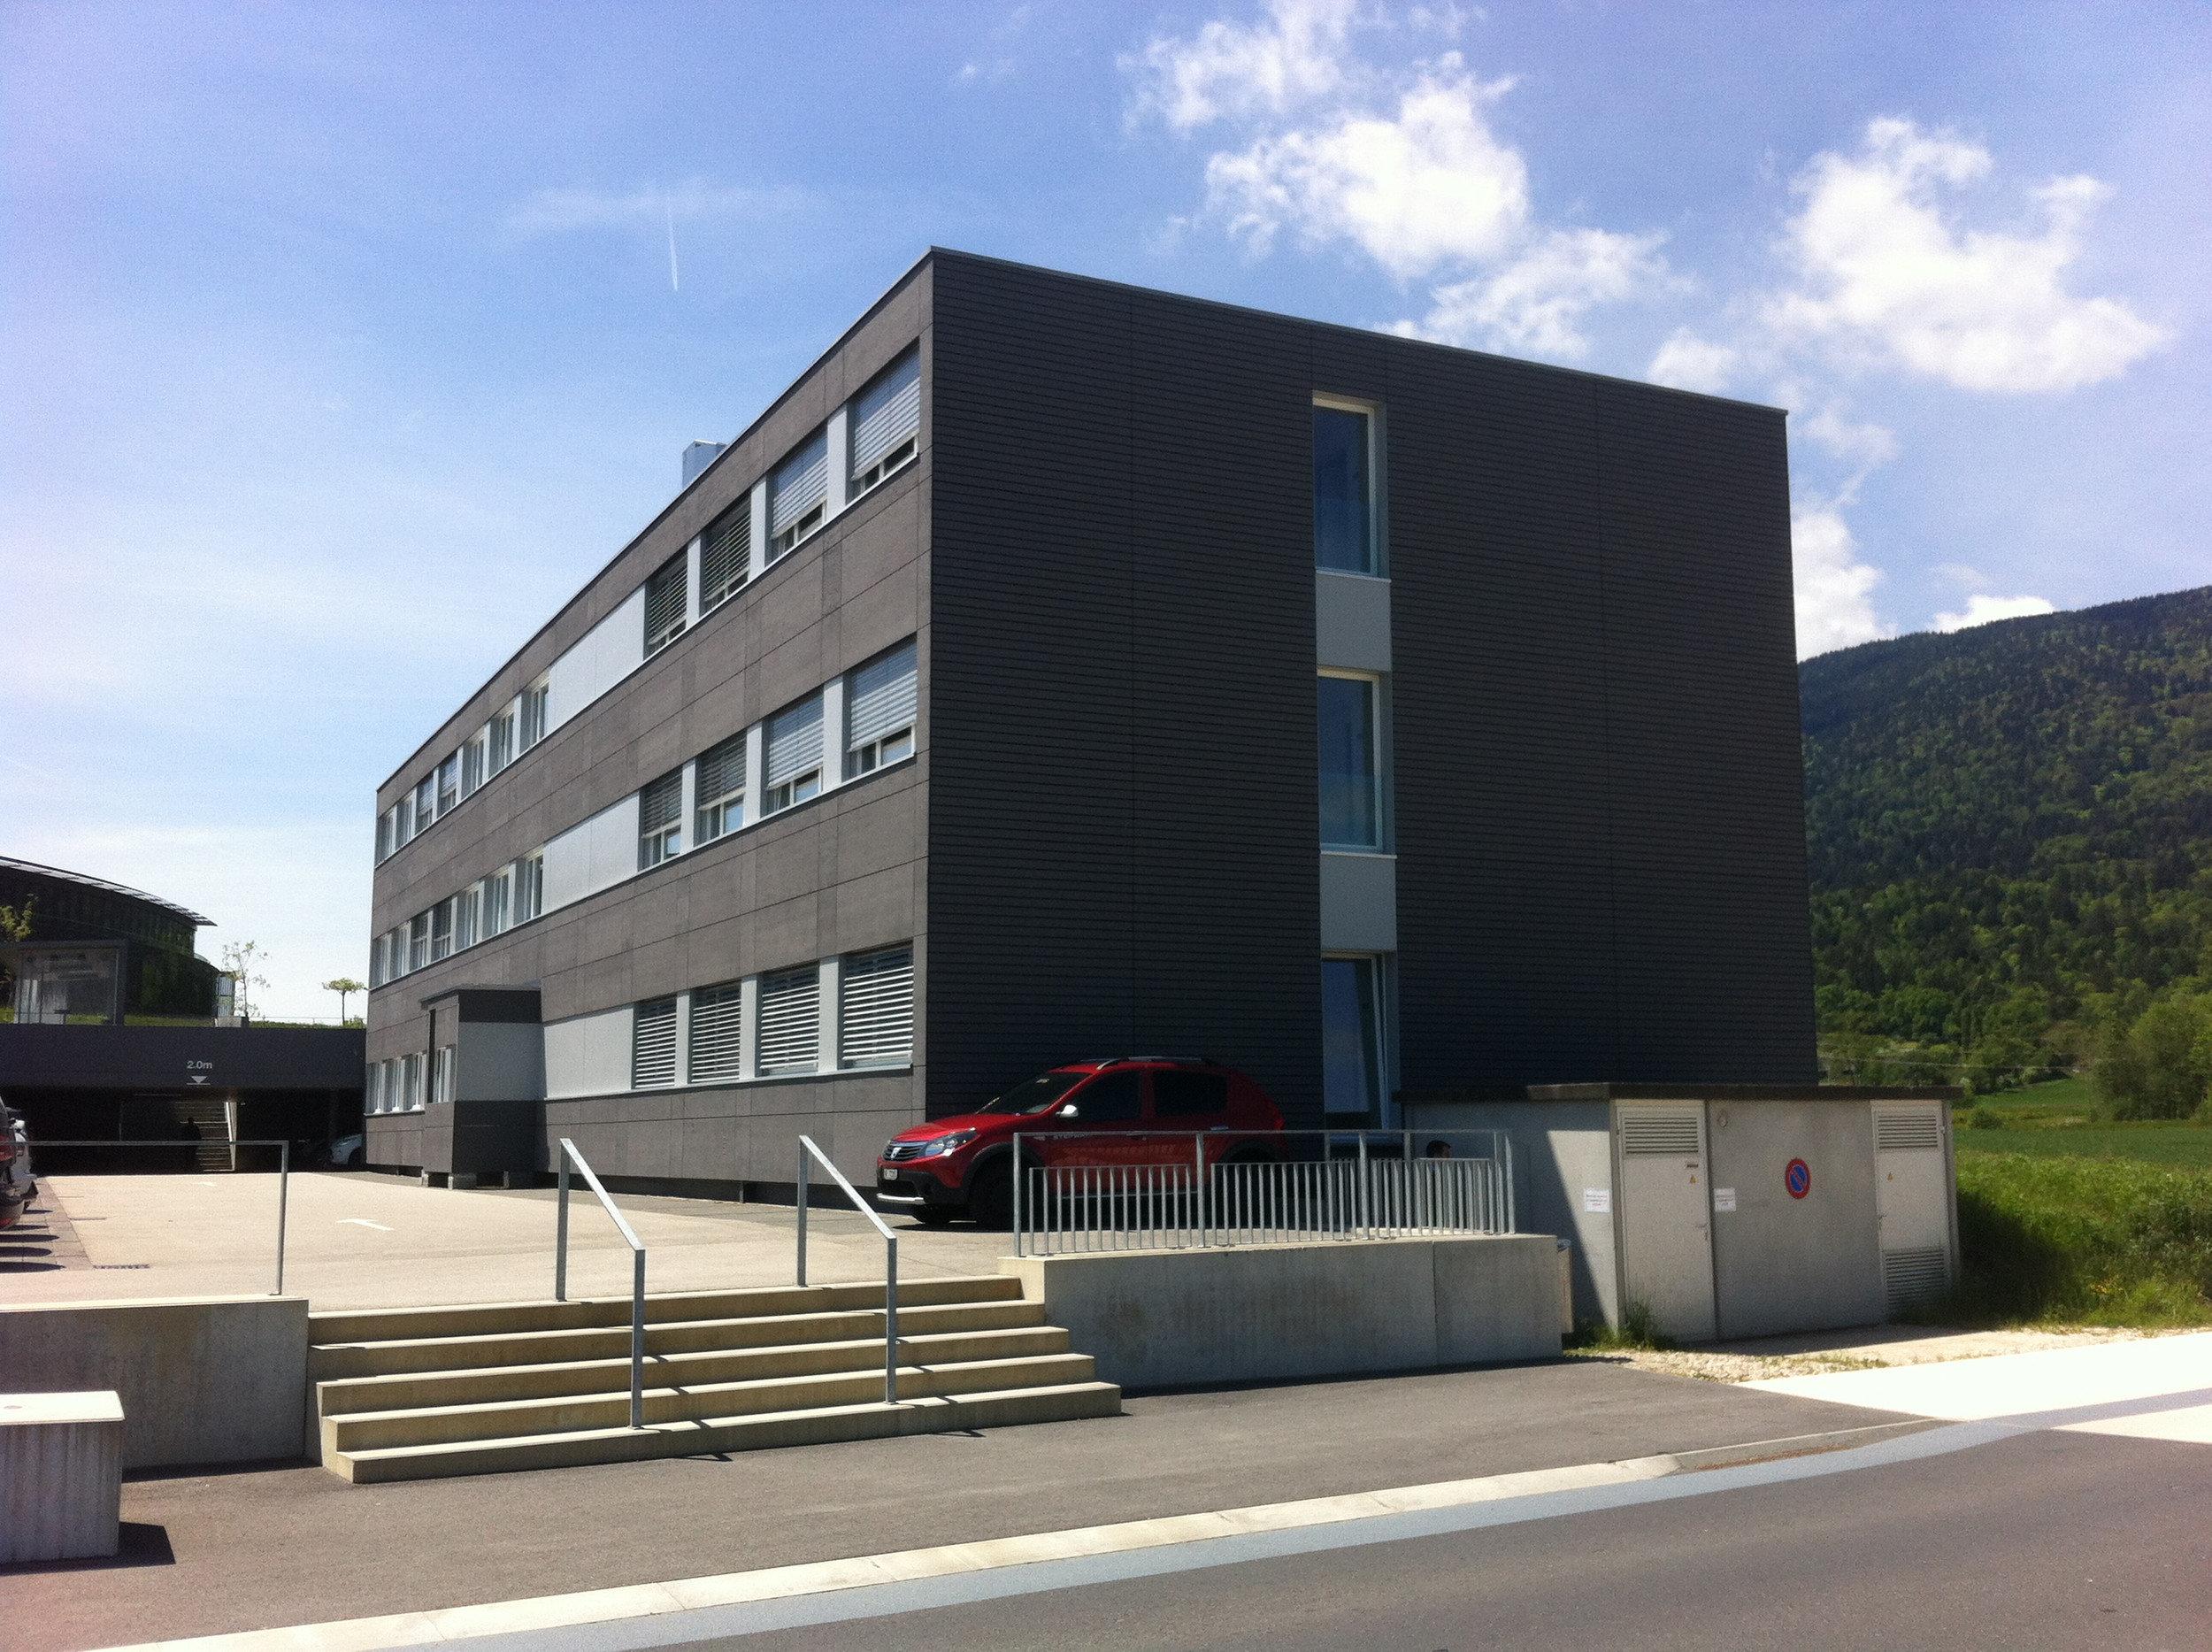 Modulbau mit spezieller Fassade für temporäre Gebäude